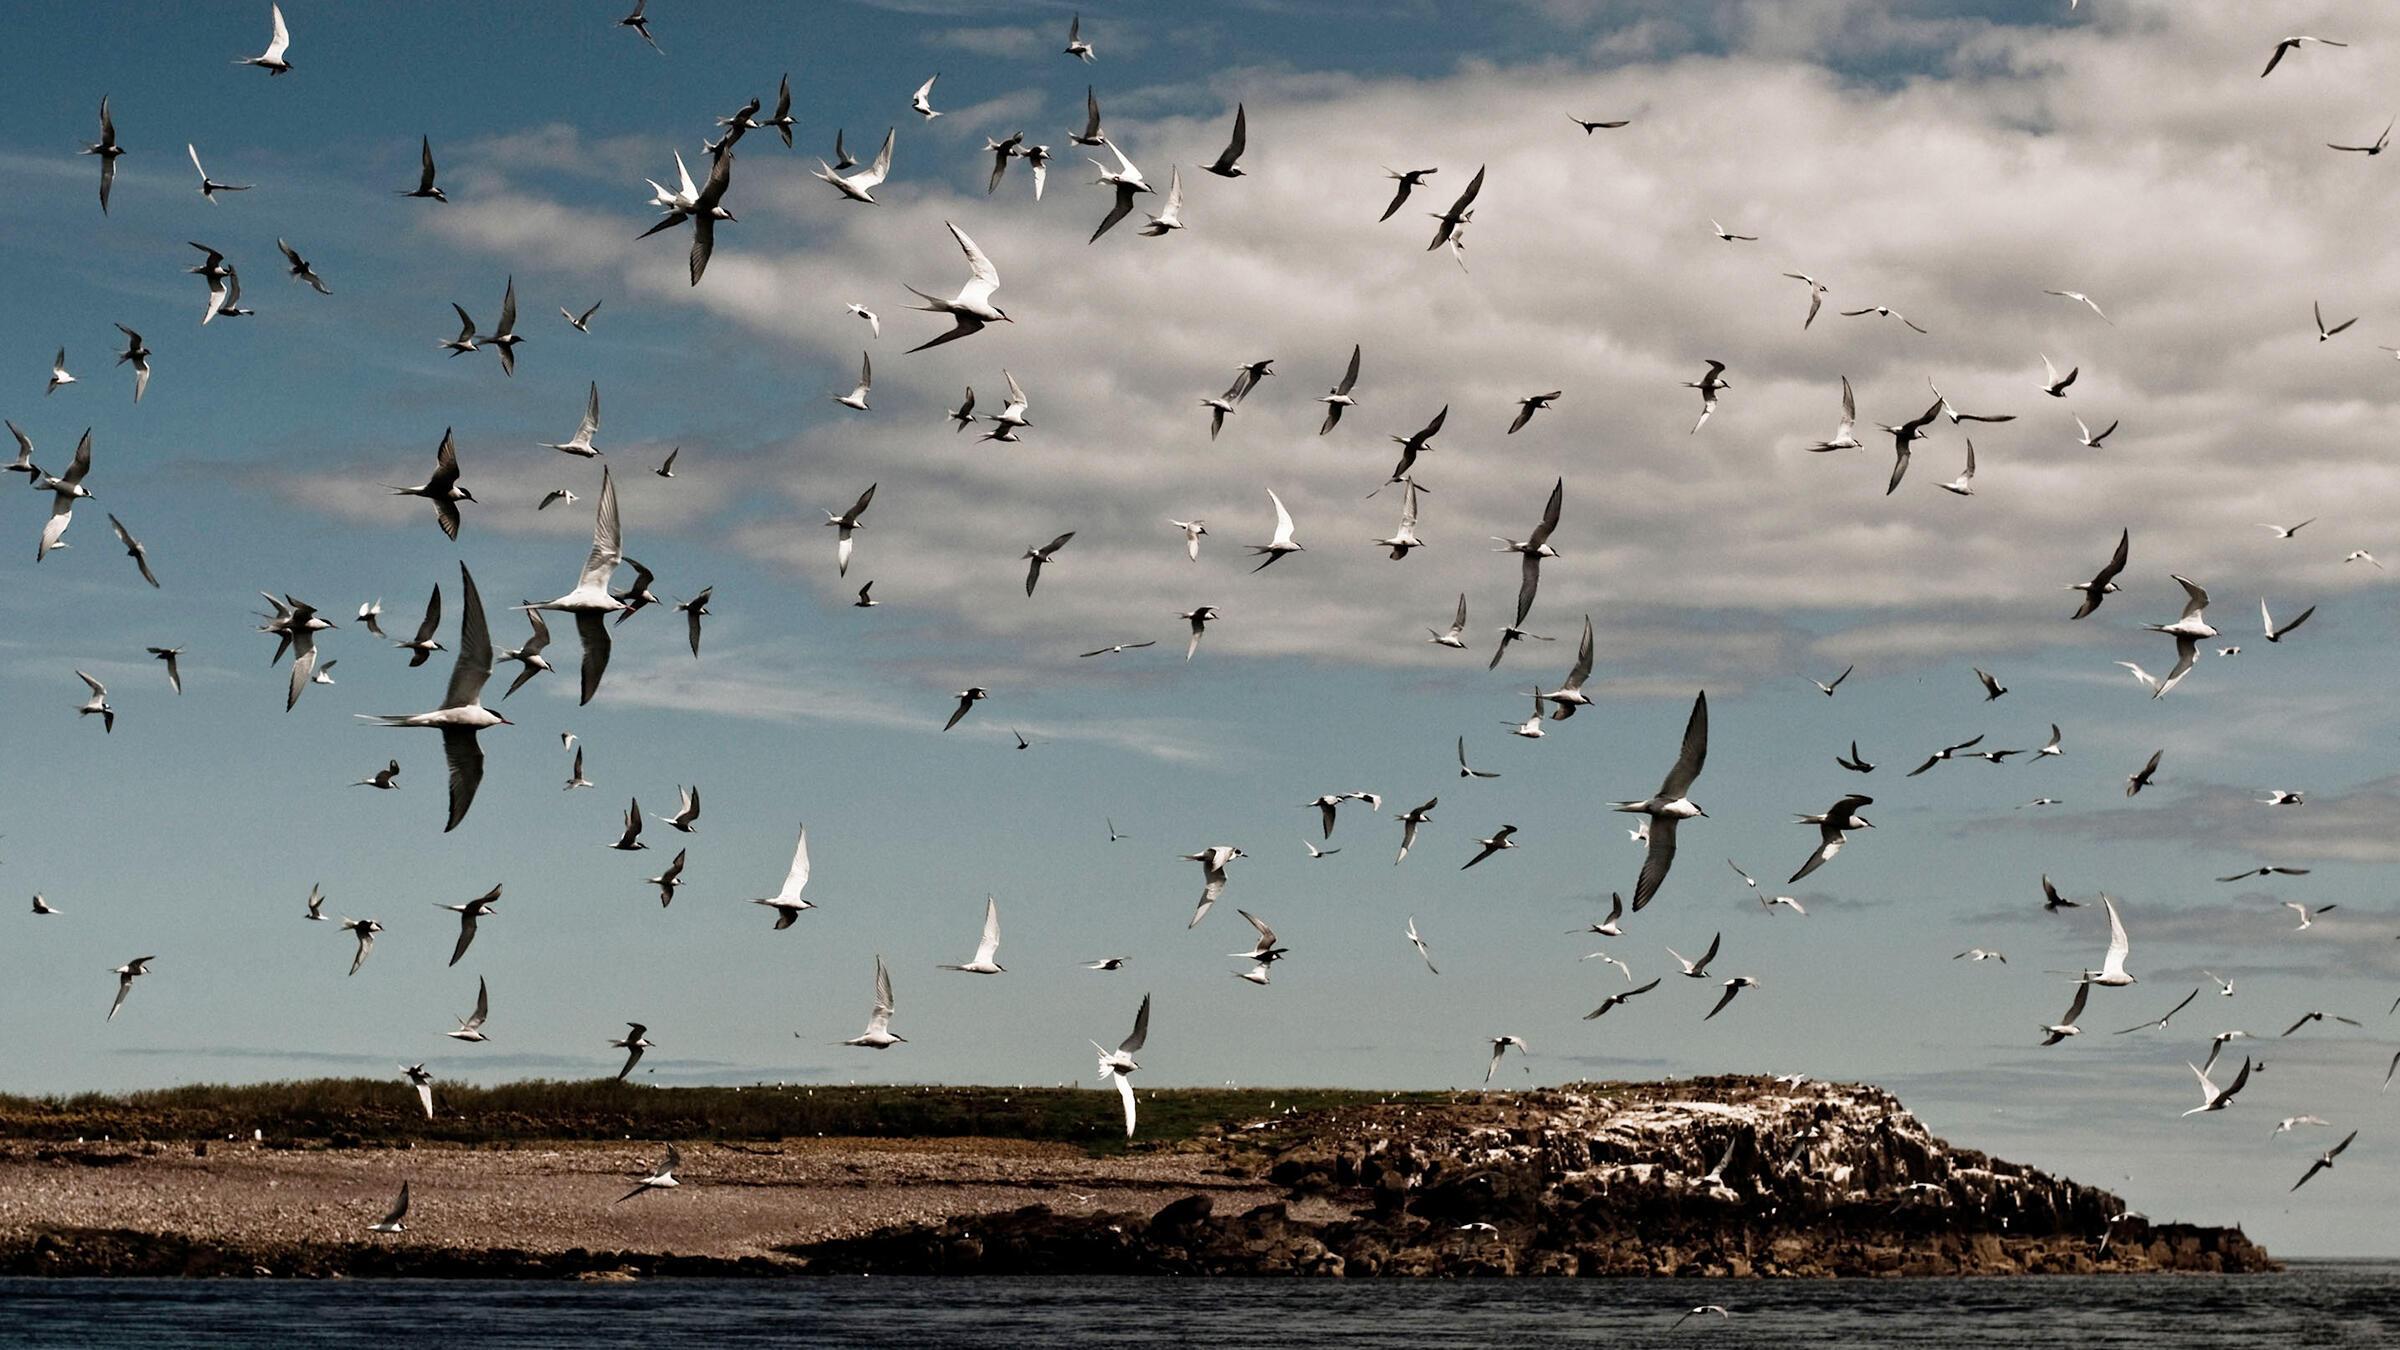 A flock of Arctic Terns. Diana Pappas Photography/Alamy